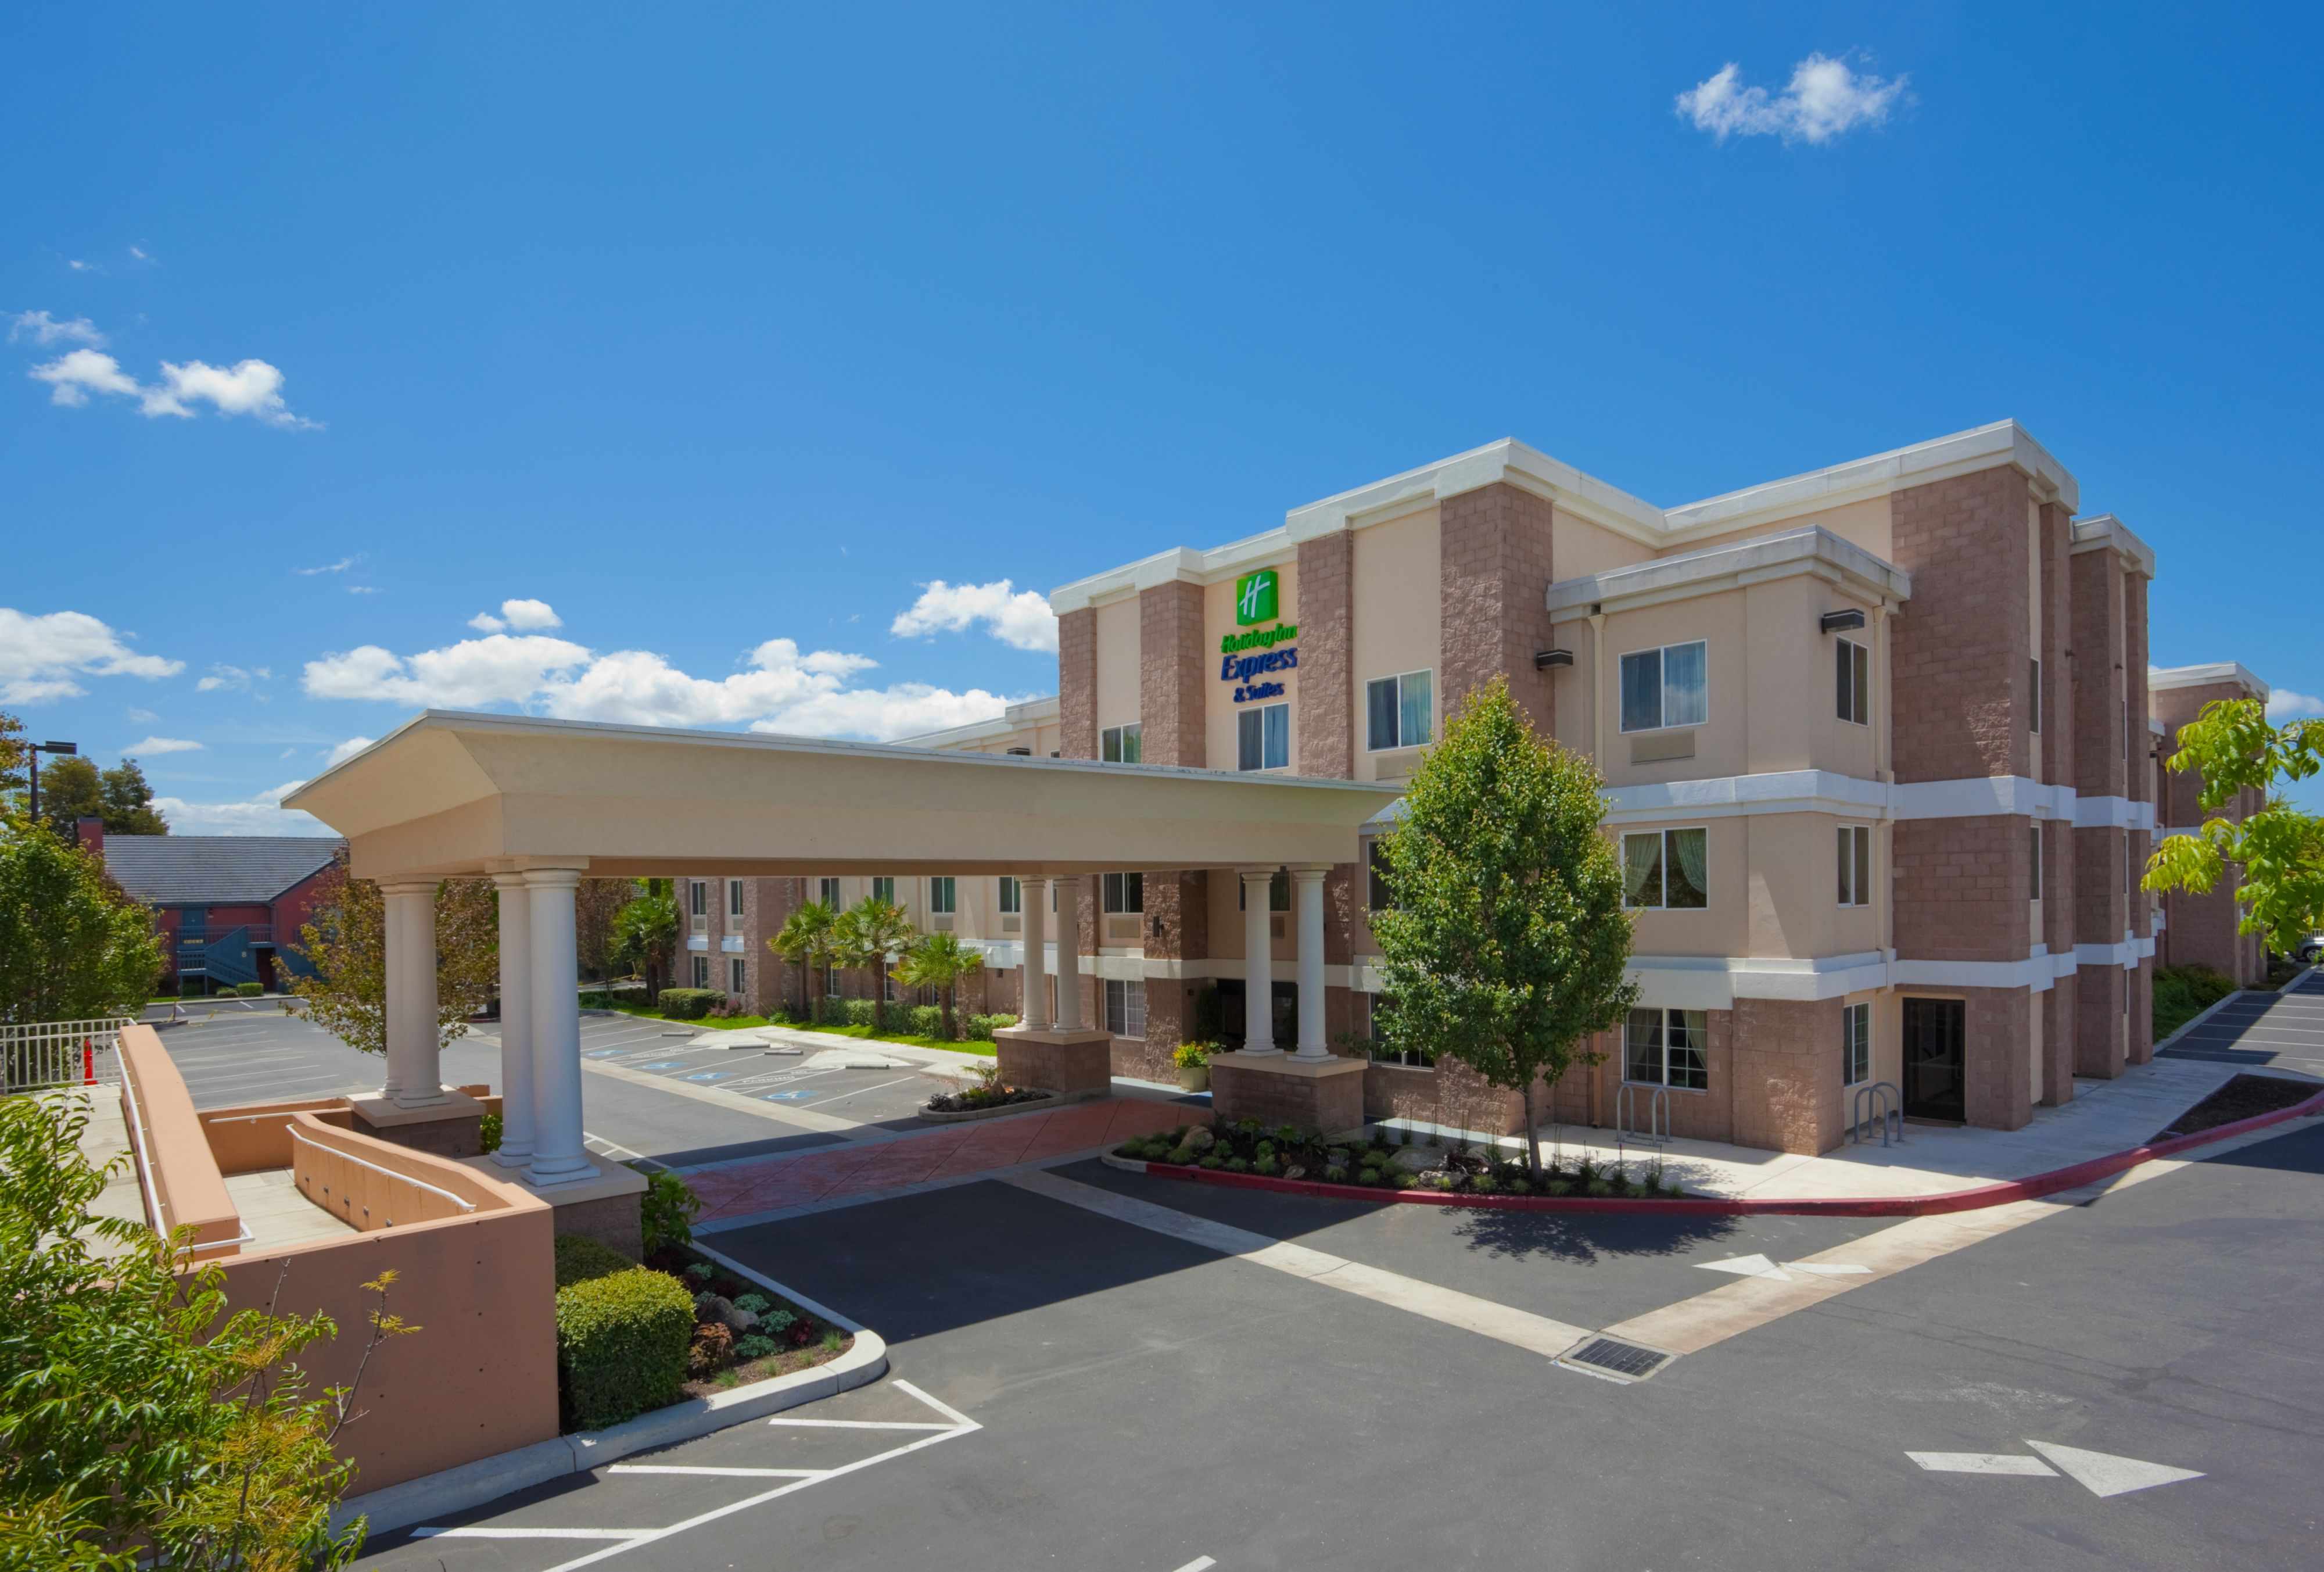 Holiday Inn Express Suites Little Rock West Little Rock Arkansas Ar